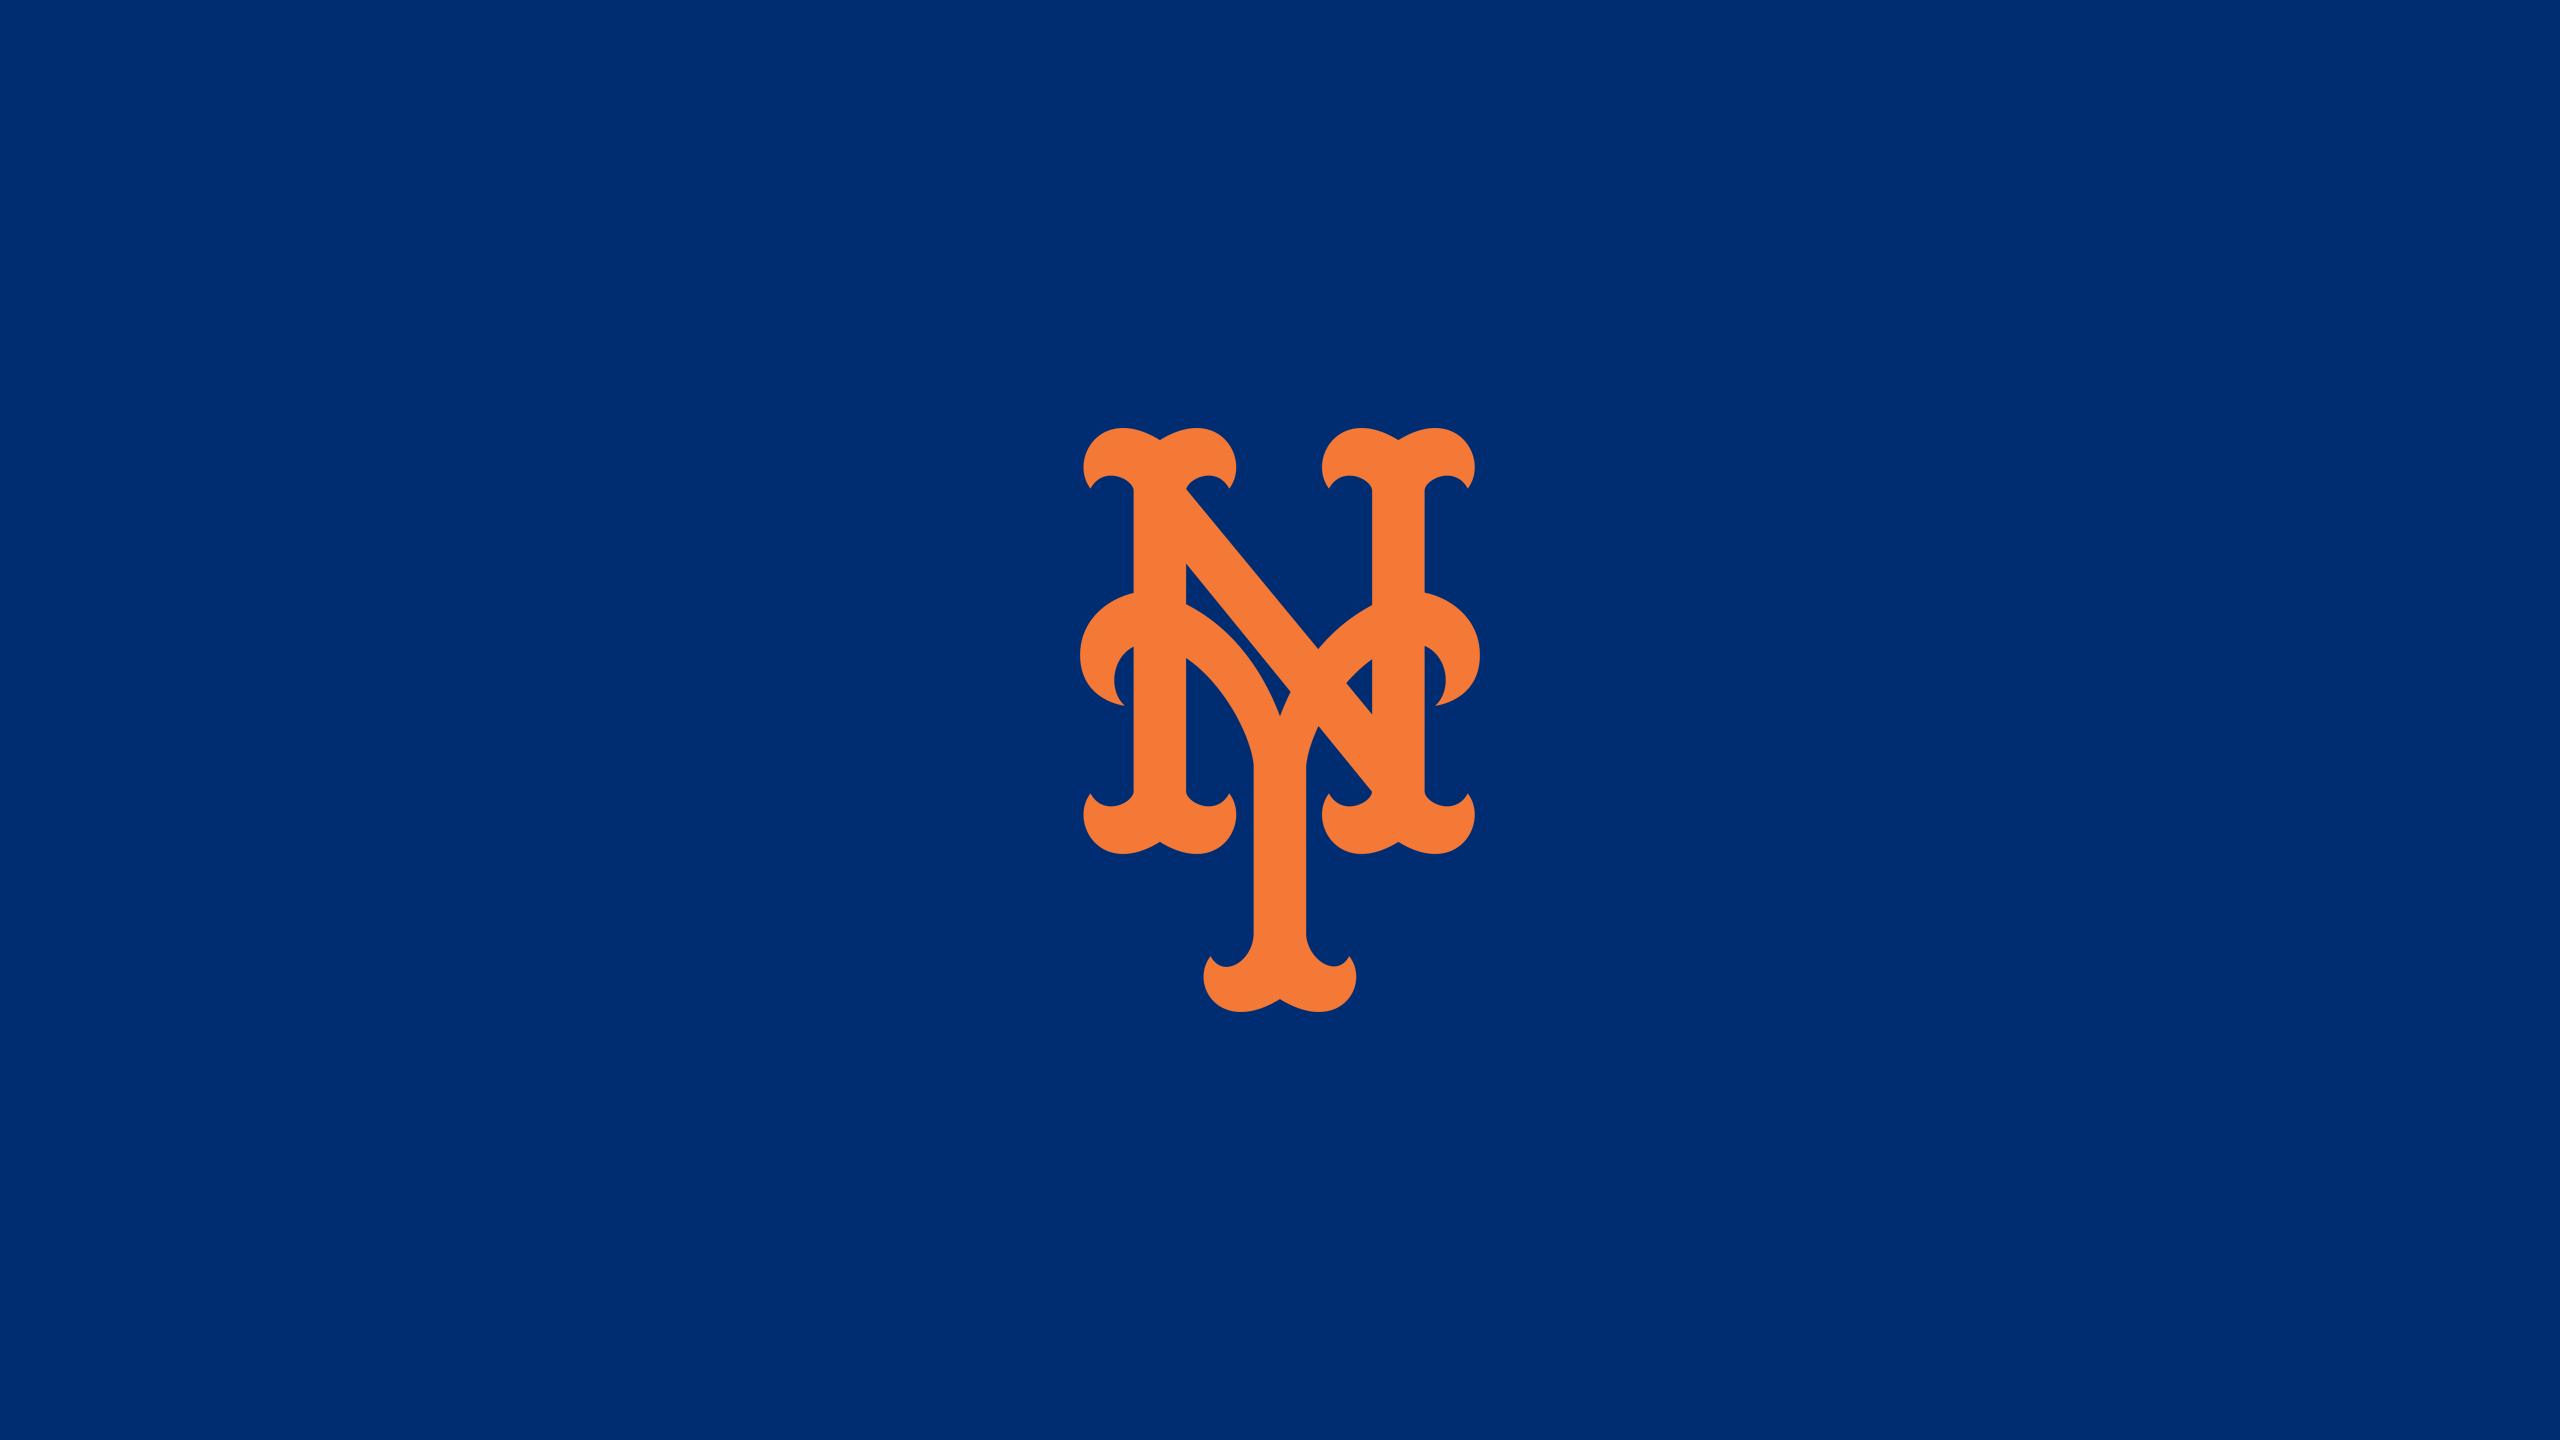 New York Mets (Cap)